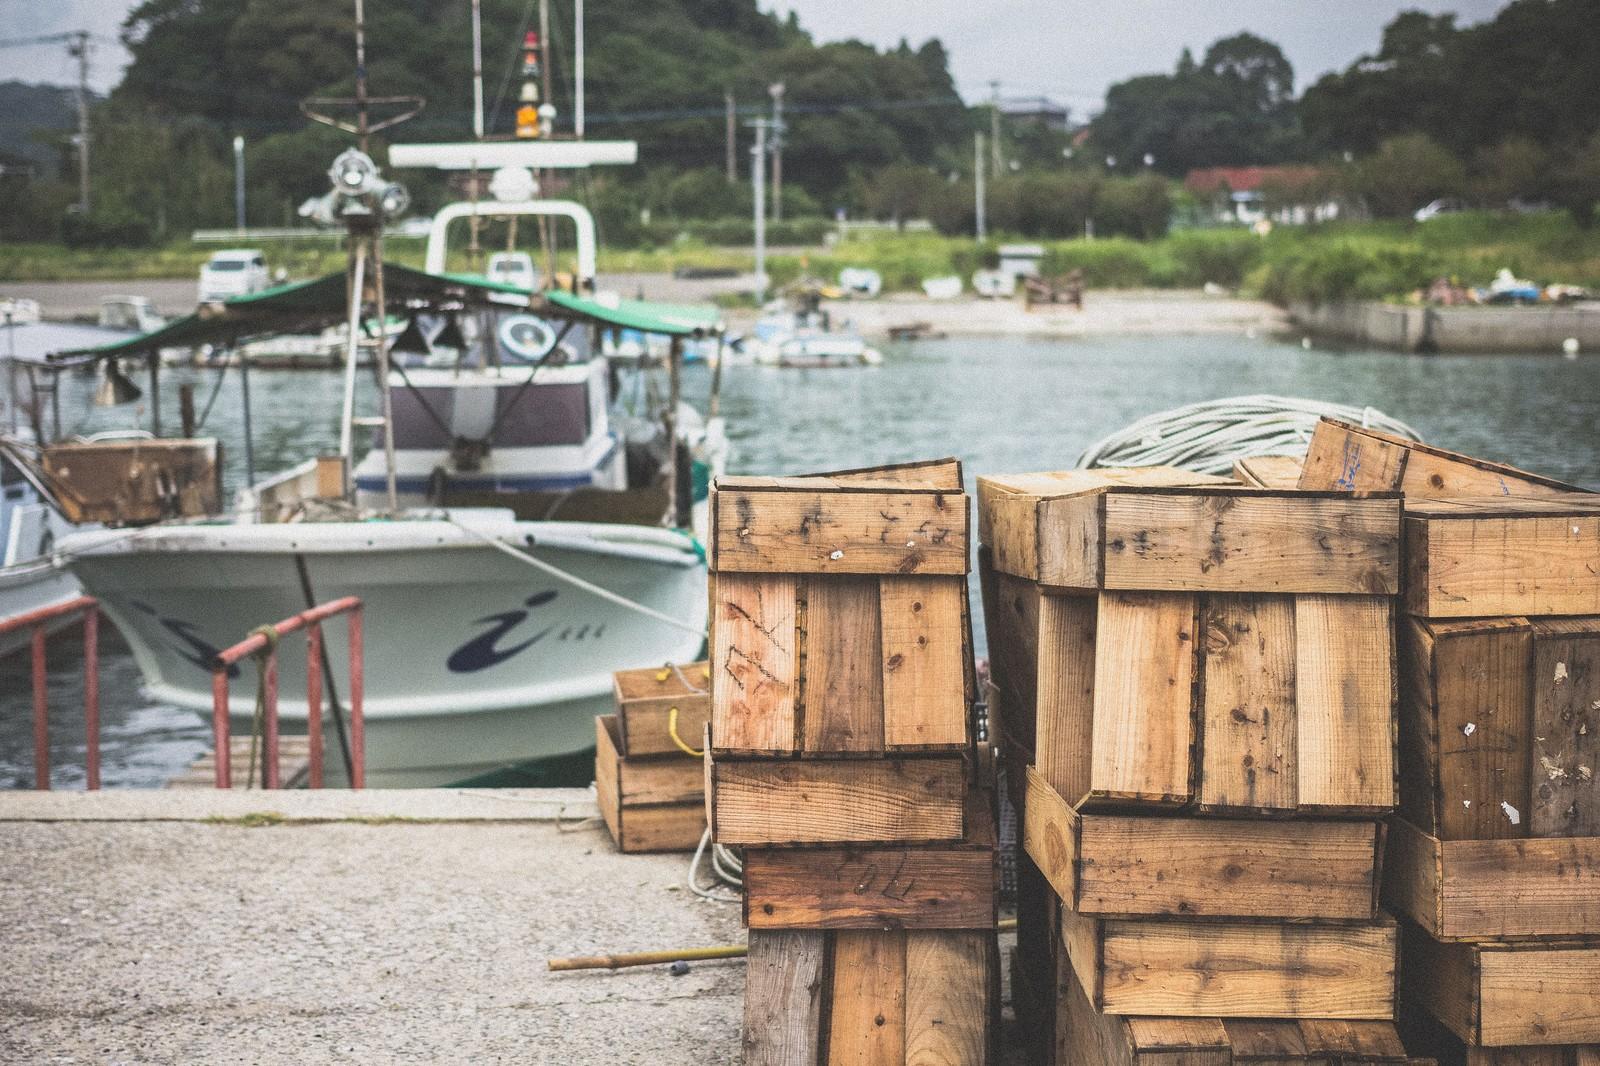 漁師軍団の美人リーダー坪内知佳のプロフと家族や夫について調査した